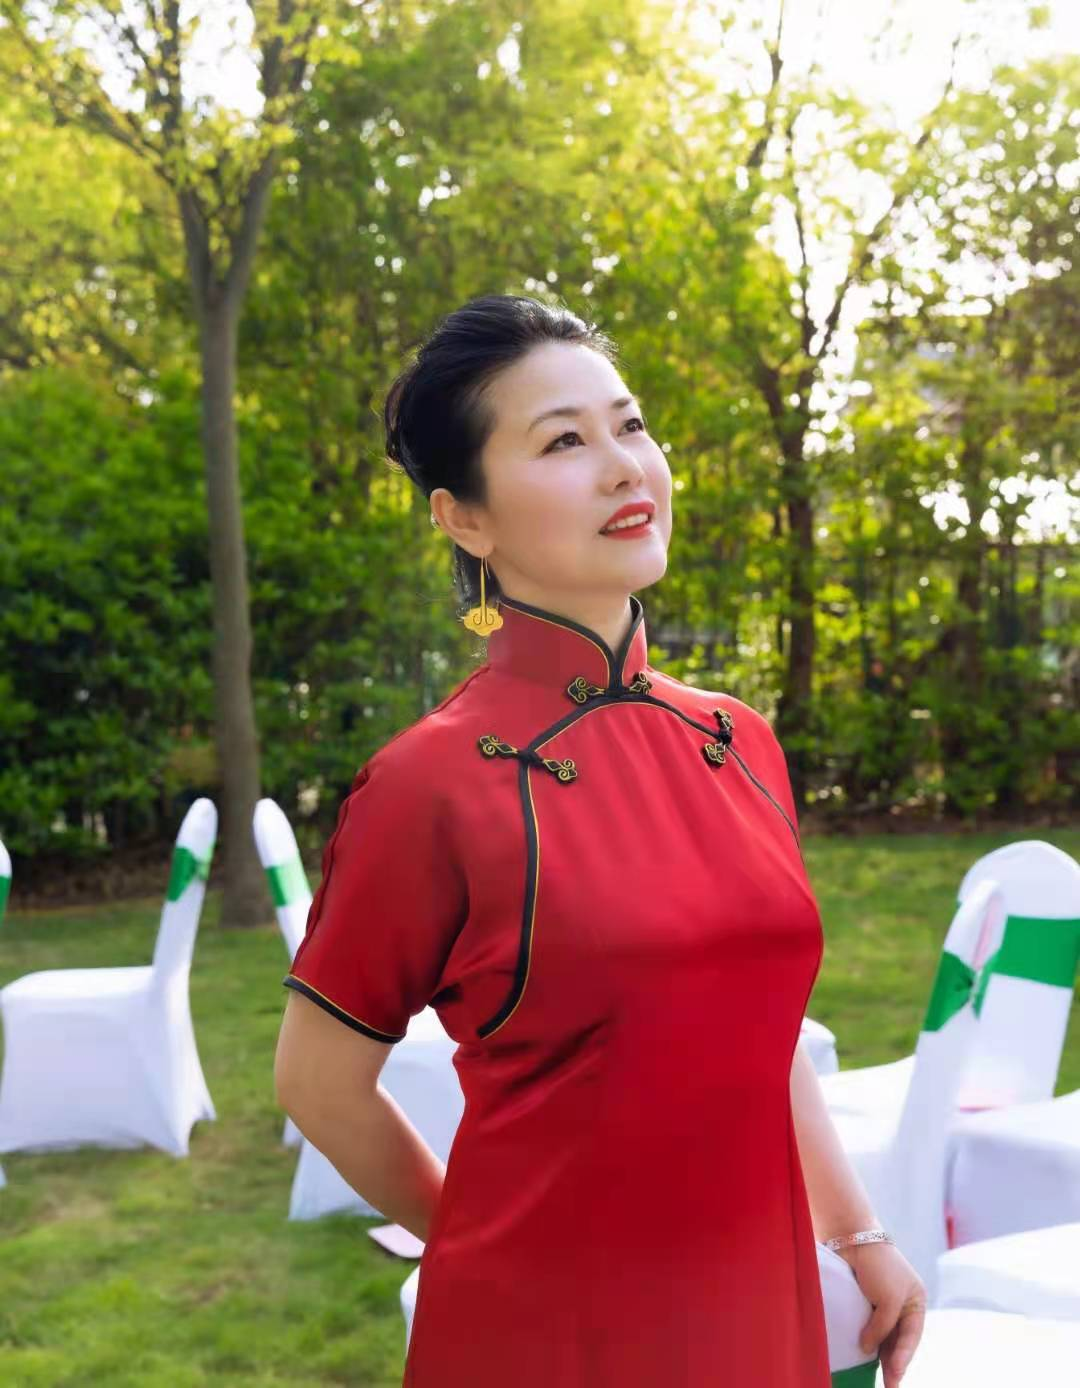 人间四月天,最美湘姝情——来吧!上海湖南女企业家协会就是我们的家..